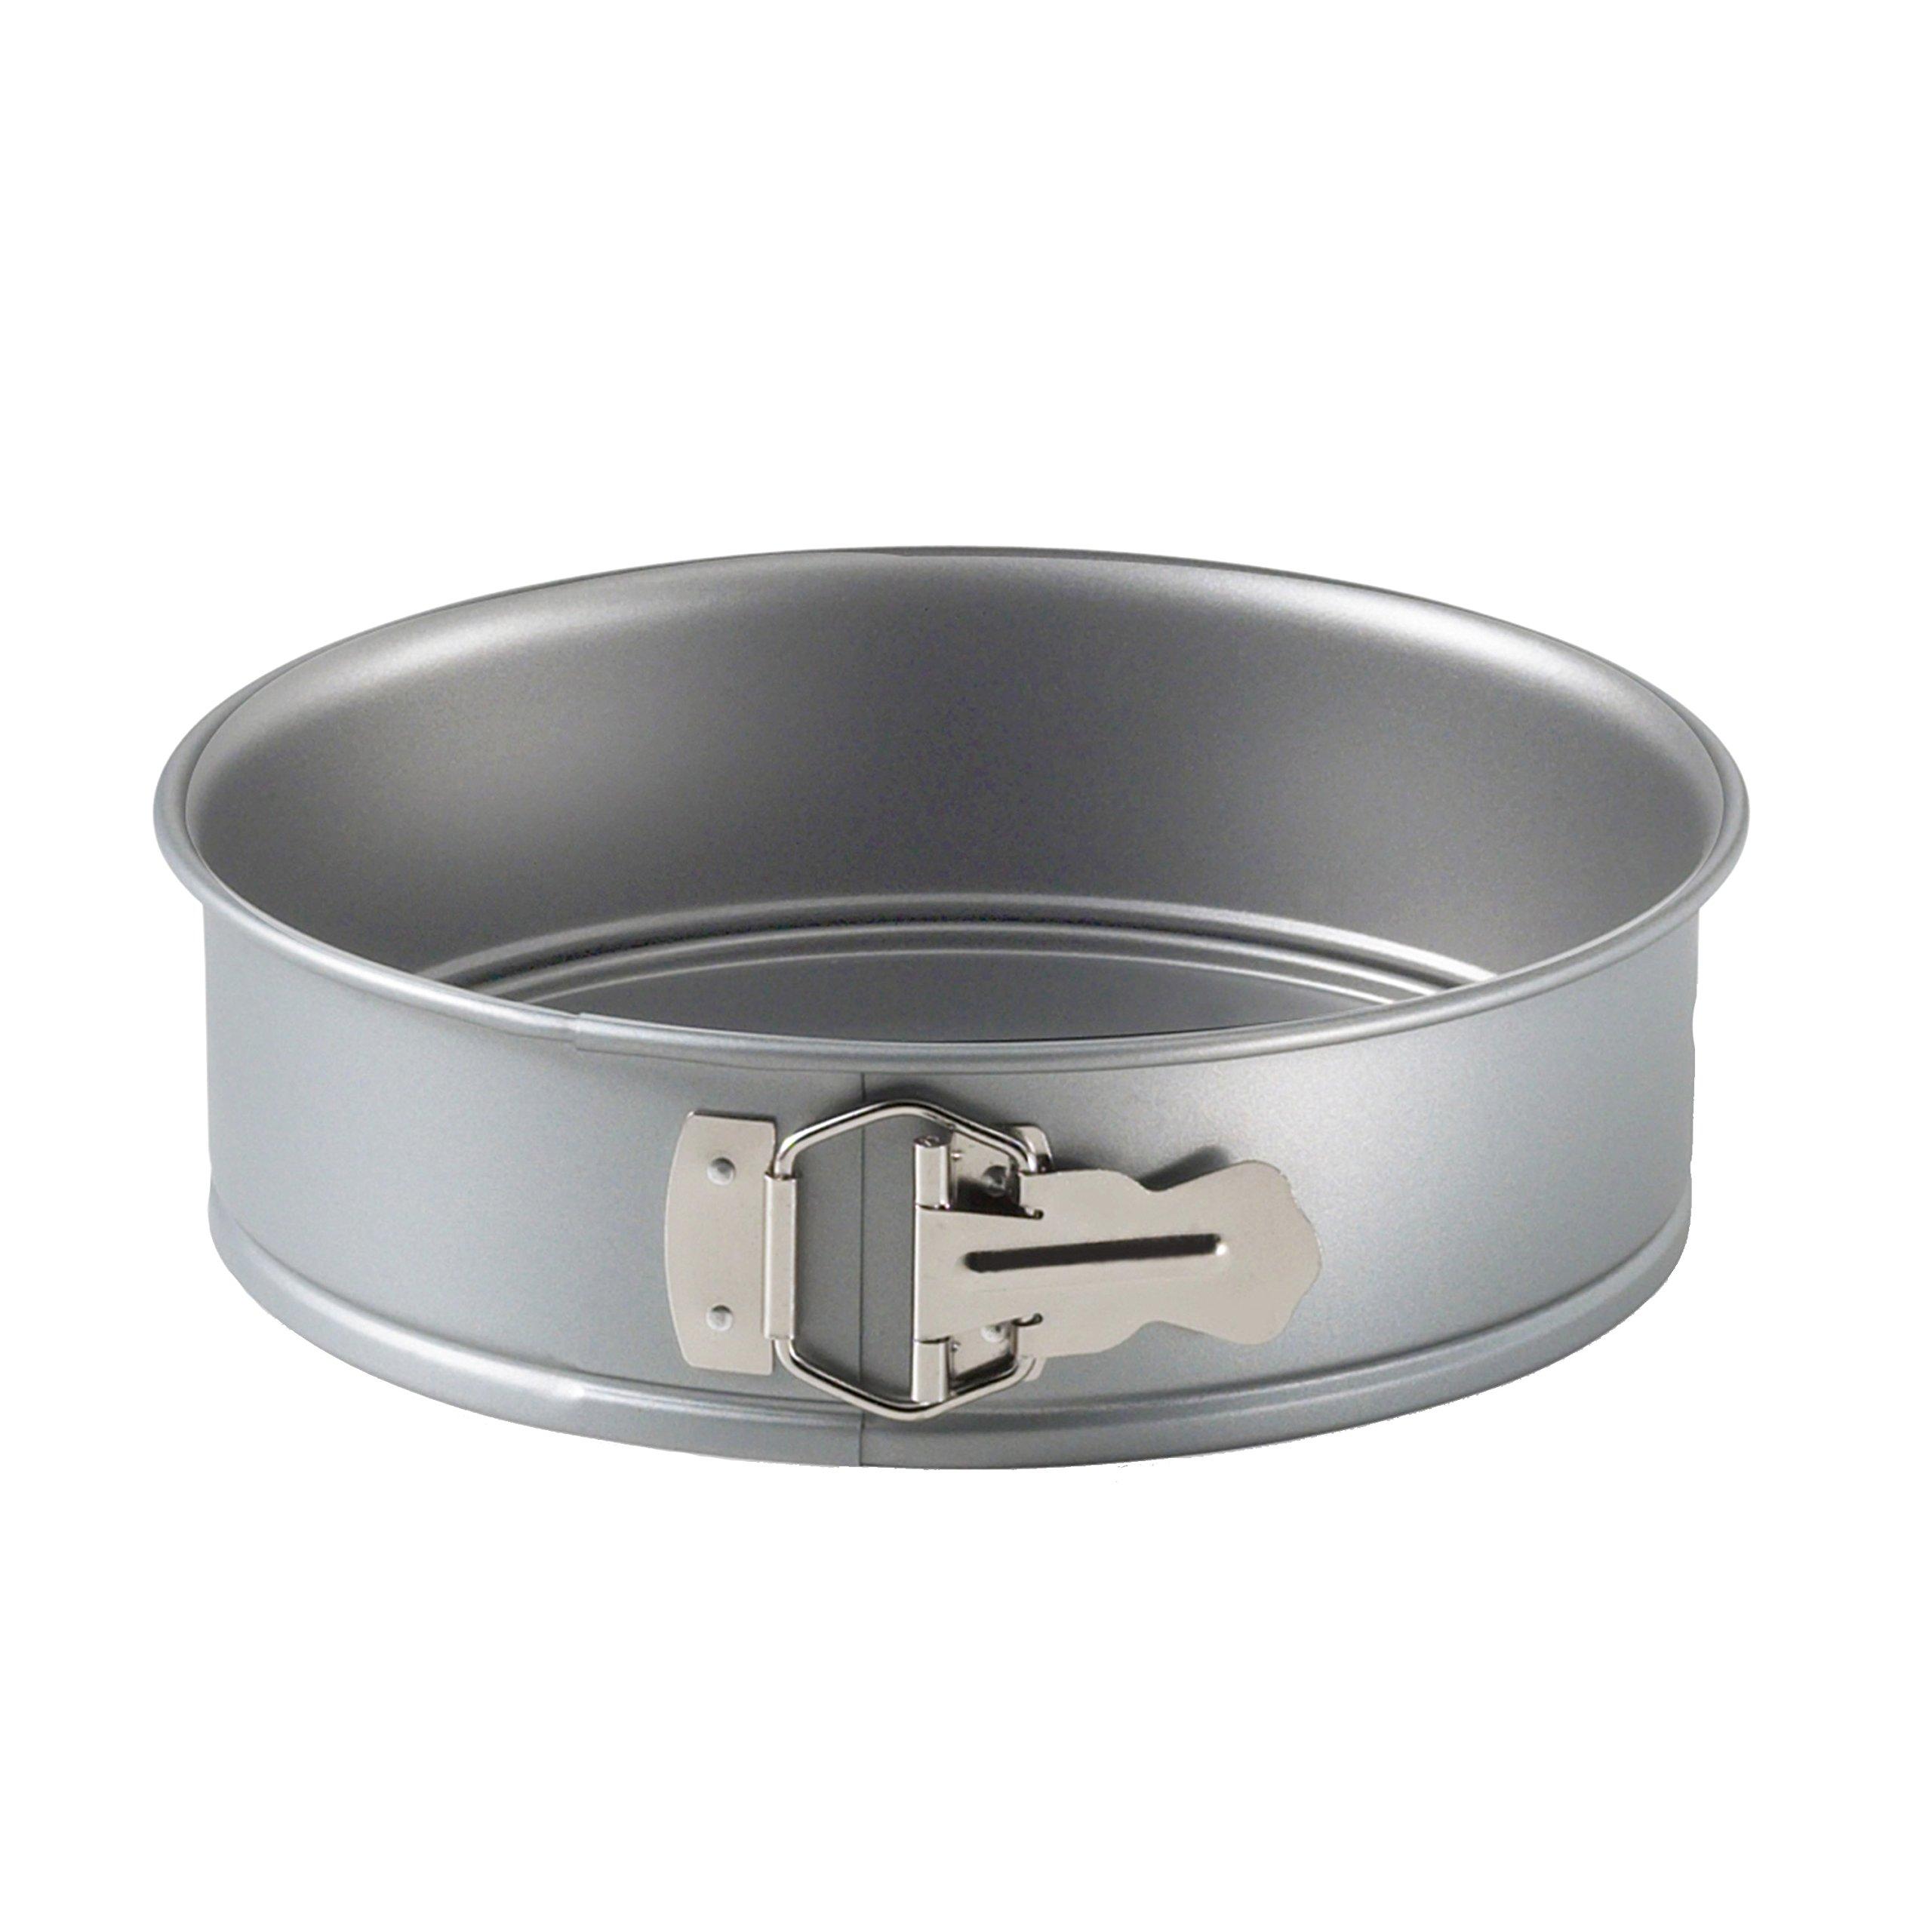 Calphalon Nonstick Bakeware, Spring Form Pan, 9-inch